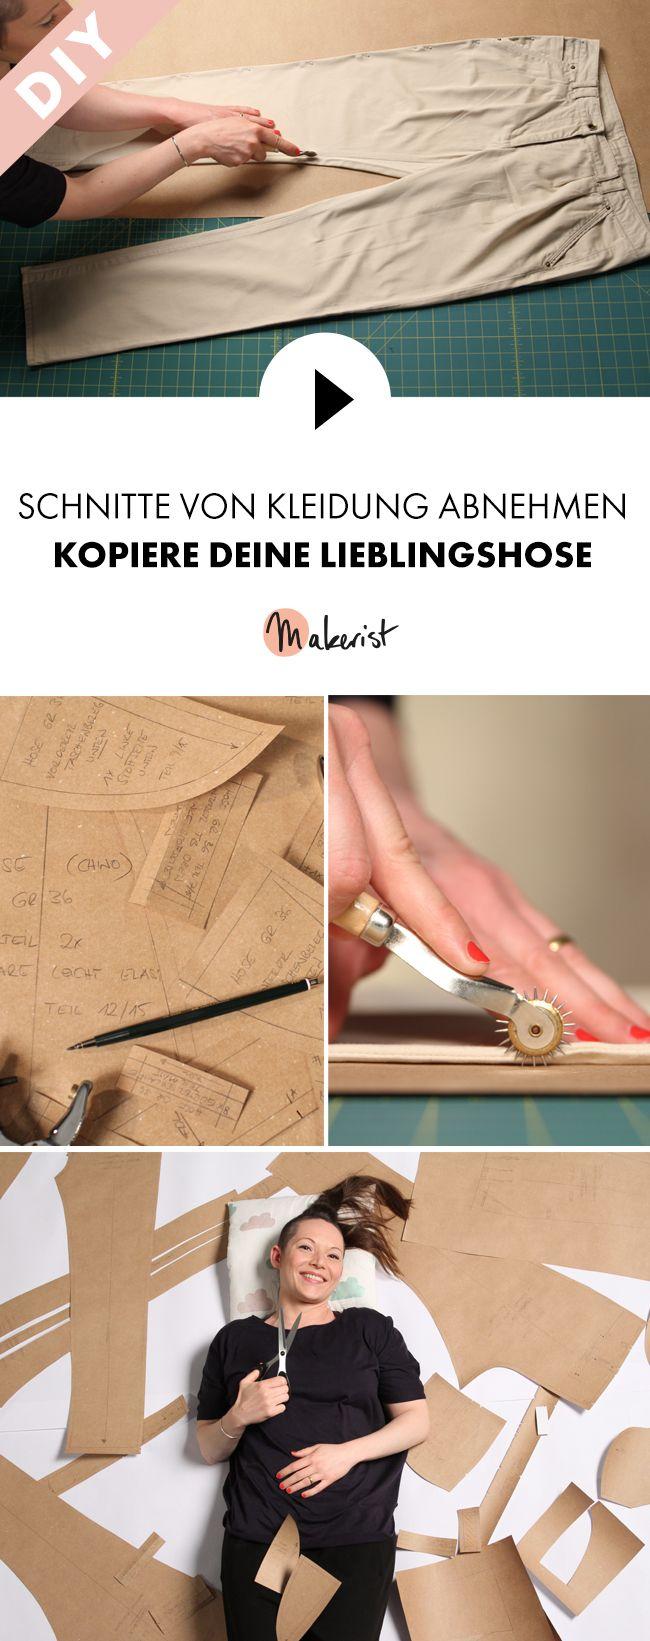 Die perfekt sitzende Hose einfach nachnähen - Step by Step erklärt im Video-Kurs via Makerist.de